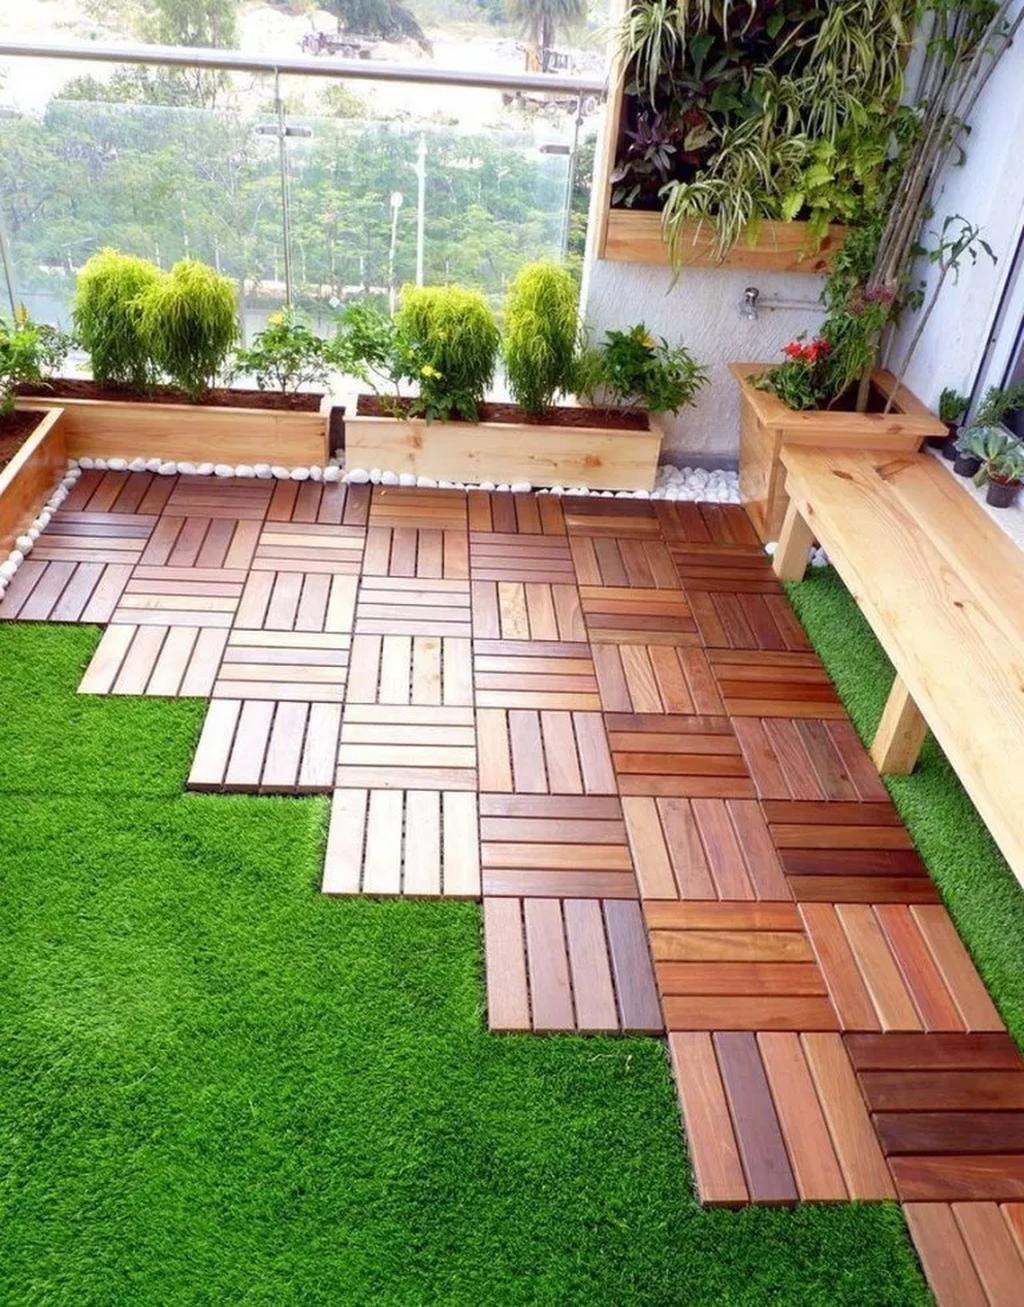 60 Small Apartment Balcony Garden Design Ideas Backyard Landscape Architecture Courtyard Gardens Design Small Courtyard Gardens